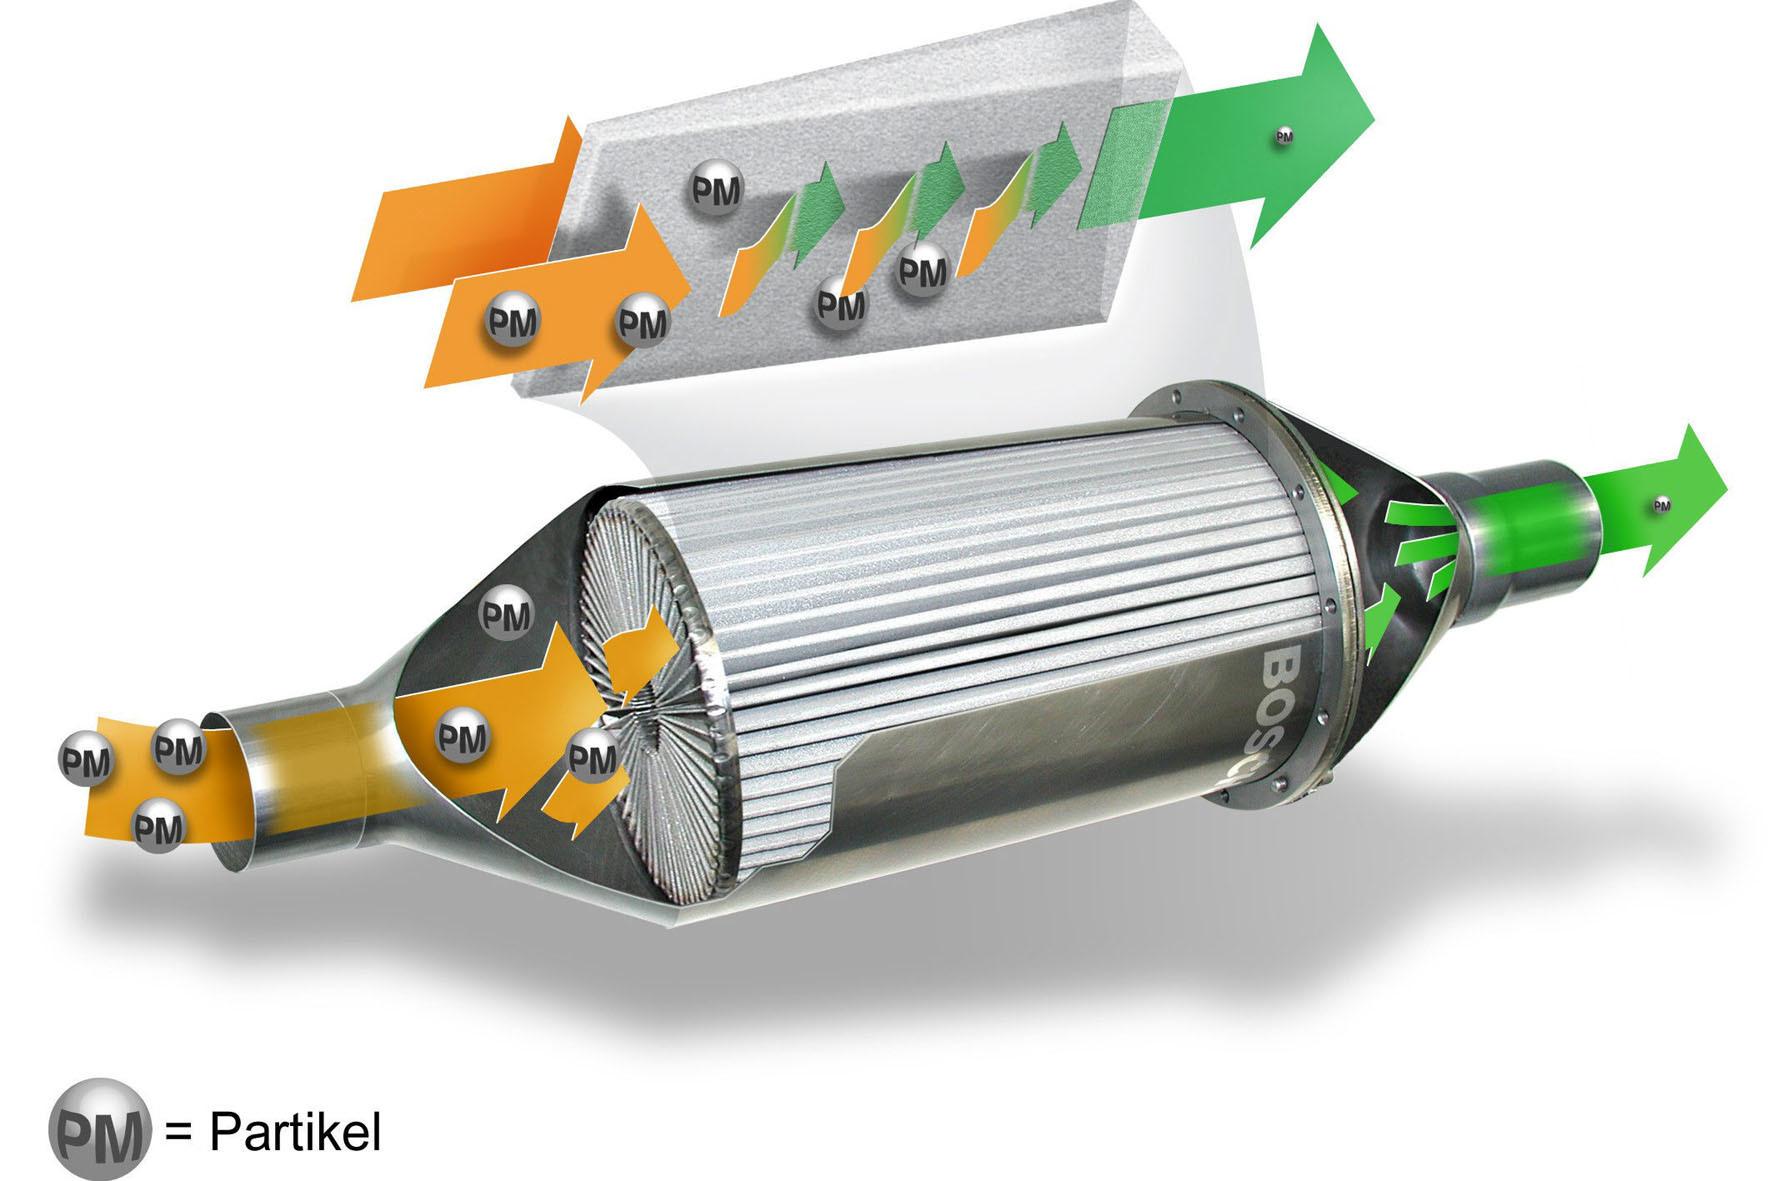 mid Groß-Gerau - Der Förderzeitraum für die Nachrüstung von Diesel-Partikelfiltern soll über 2015 hinaus verlängert werden.